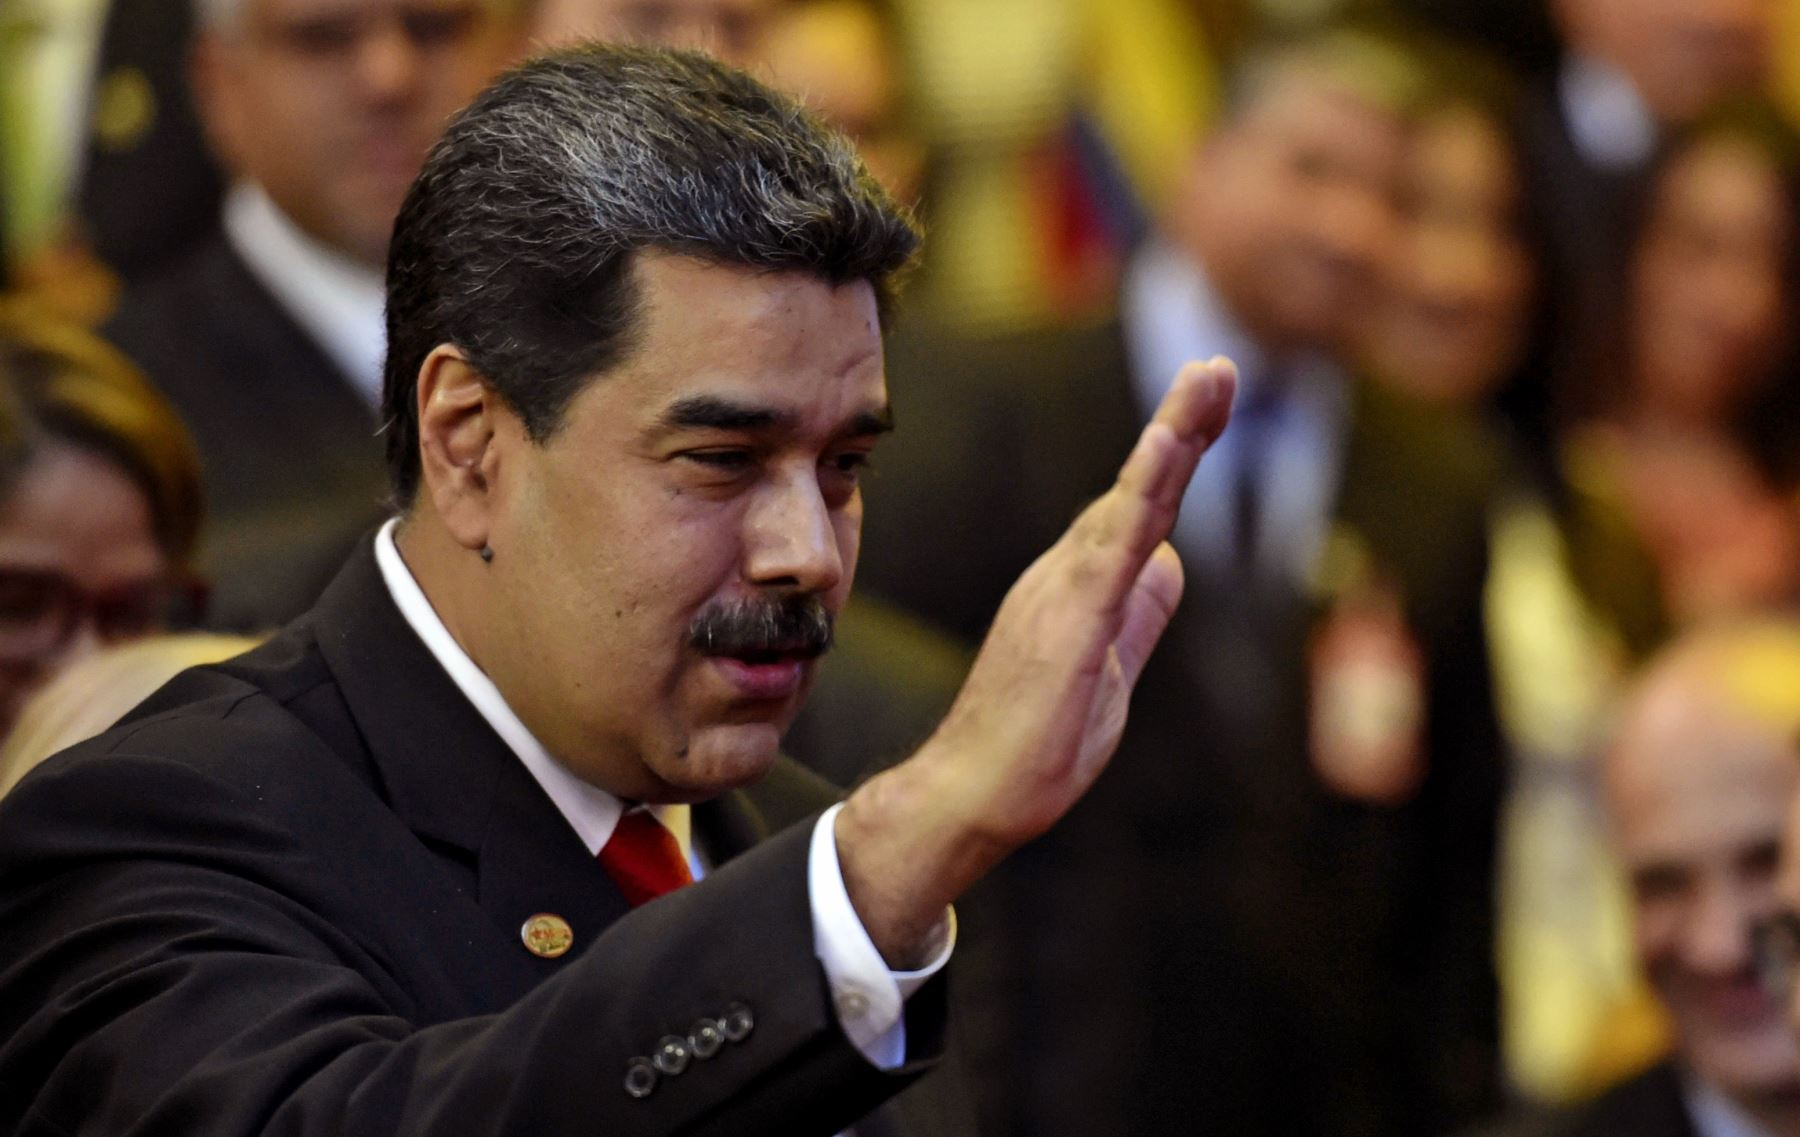 El presidente de Venezuela, Nicolás Maduro, saluda a su llegada a la ceremonia de inauguración de su segundo mandato en la Corte Suprema de Justicia (TSJ). AFP